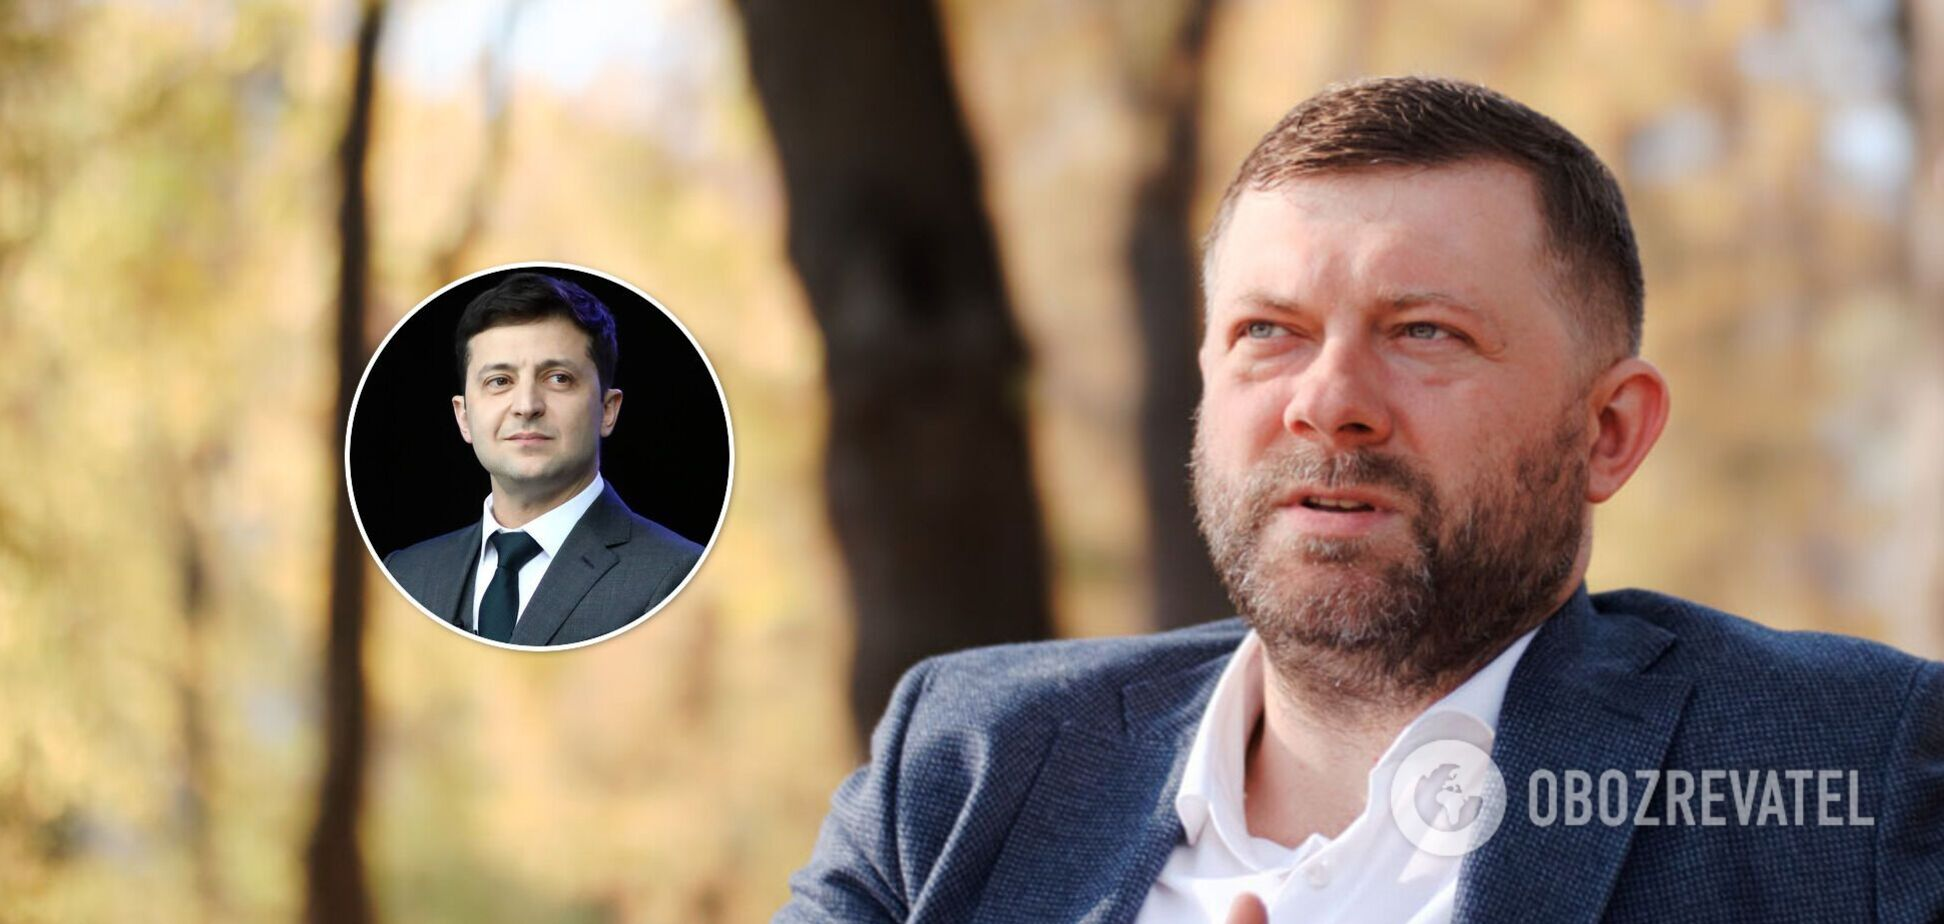 Корнієнко закликав не спекулювати на другому терміні Зеленського